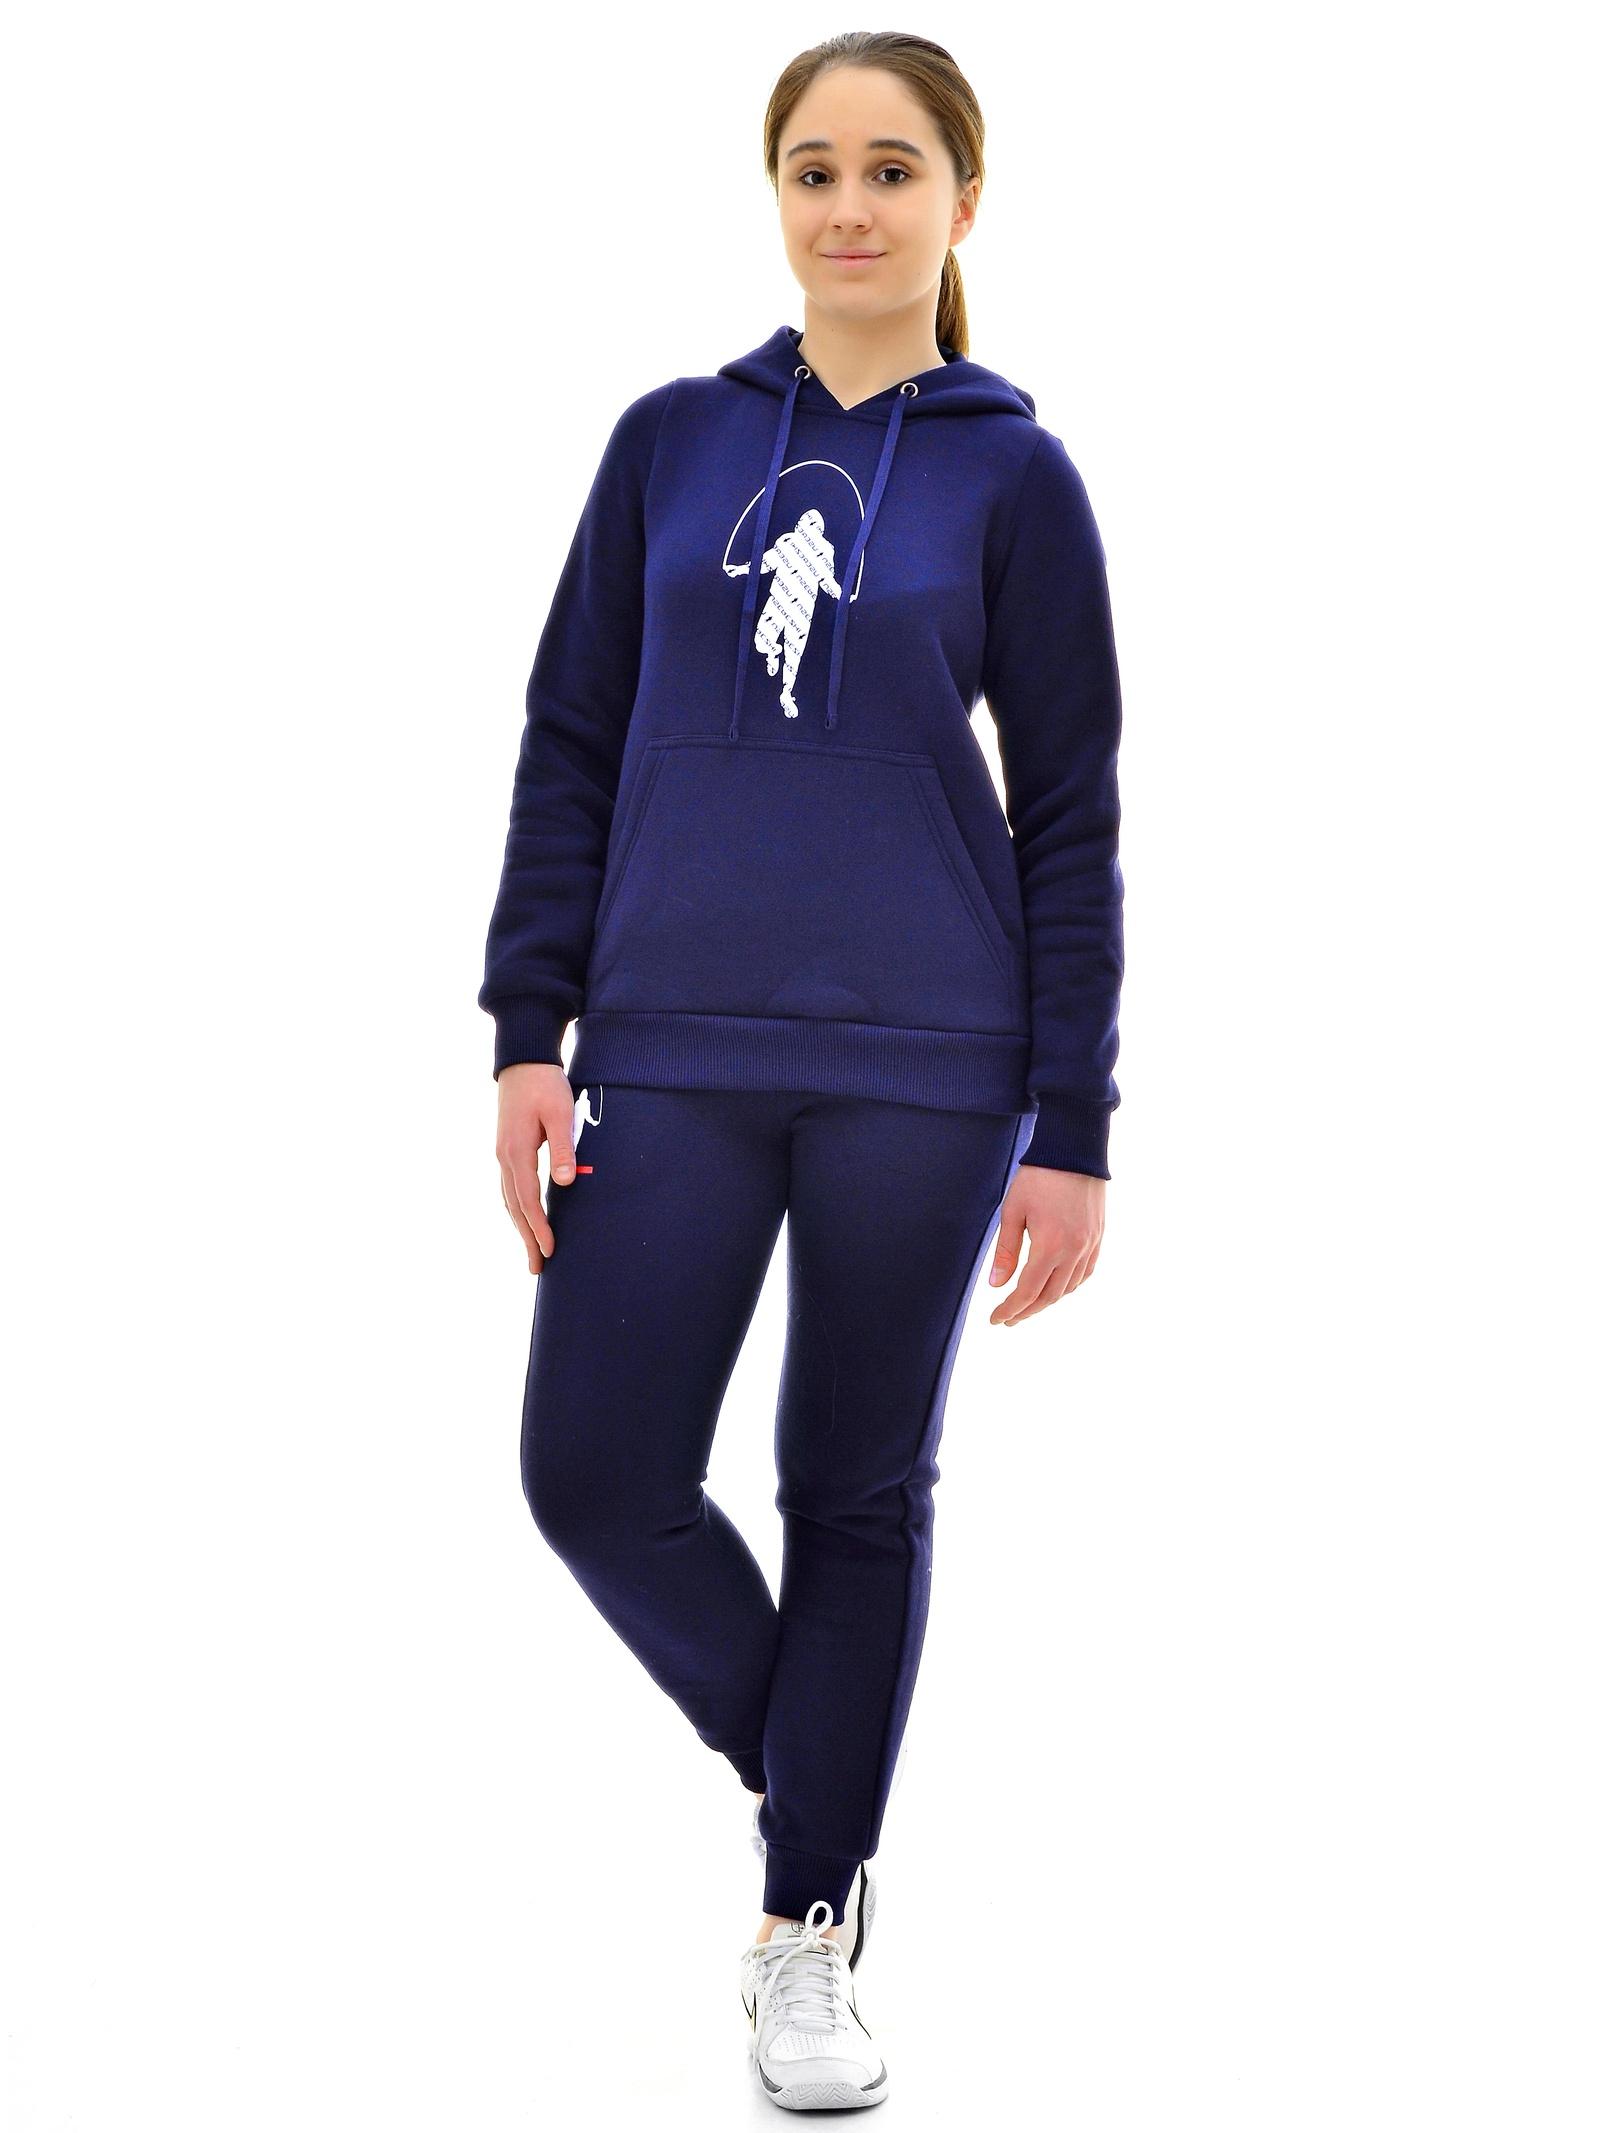 Спортивный костюм USEREZHI W580402-44, синий 44 размерW580402-44Удобный и практичный костюм от бренда USEREZHI создан из мягкого, качественного трикотажа с начесом. Костюм подходит под любой тип фигуры, у данной модели слегка зауженные штанины с манжетами. В нашей одежде вы себя будете чувствовать комфортно и этот замечательный костюм станет одной из любимых вещей в вашем гардеробе. Рост модели на фото - 170 см., размер на модели 42. Материалы: Ткань: Хлопок не менее 80%. Ткань трикотаж с начесом, приятный телу и при этом в меру эластичный. Изображение - логотип шелкография.Особенности верха: цвет синий, эластичные манжеты, модель кофты – худи с капюшоном. Изображение - шелкография логотип.Особенности брюк: цвет синий, эластичная резинка по талии брюк и шнурок, изображение: шелкография логотип.